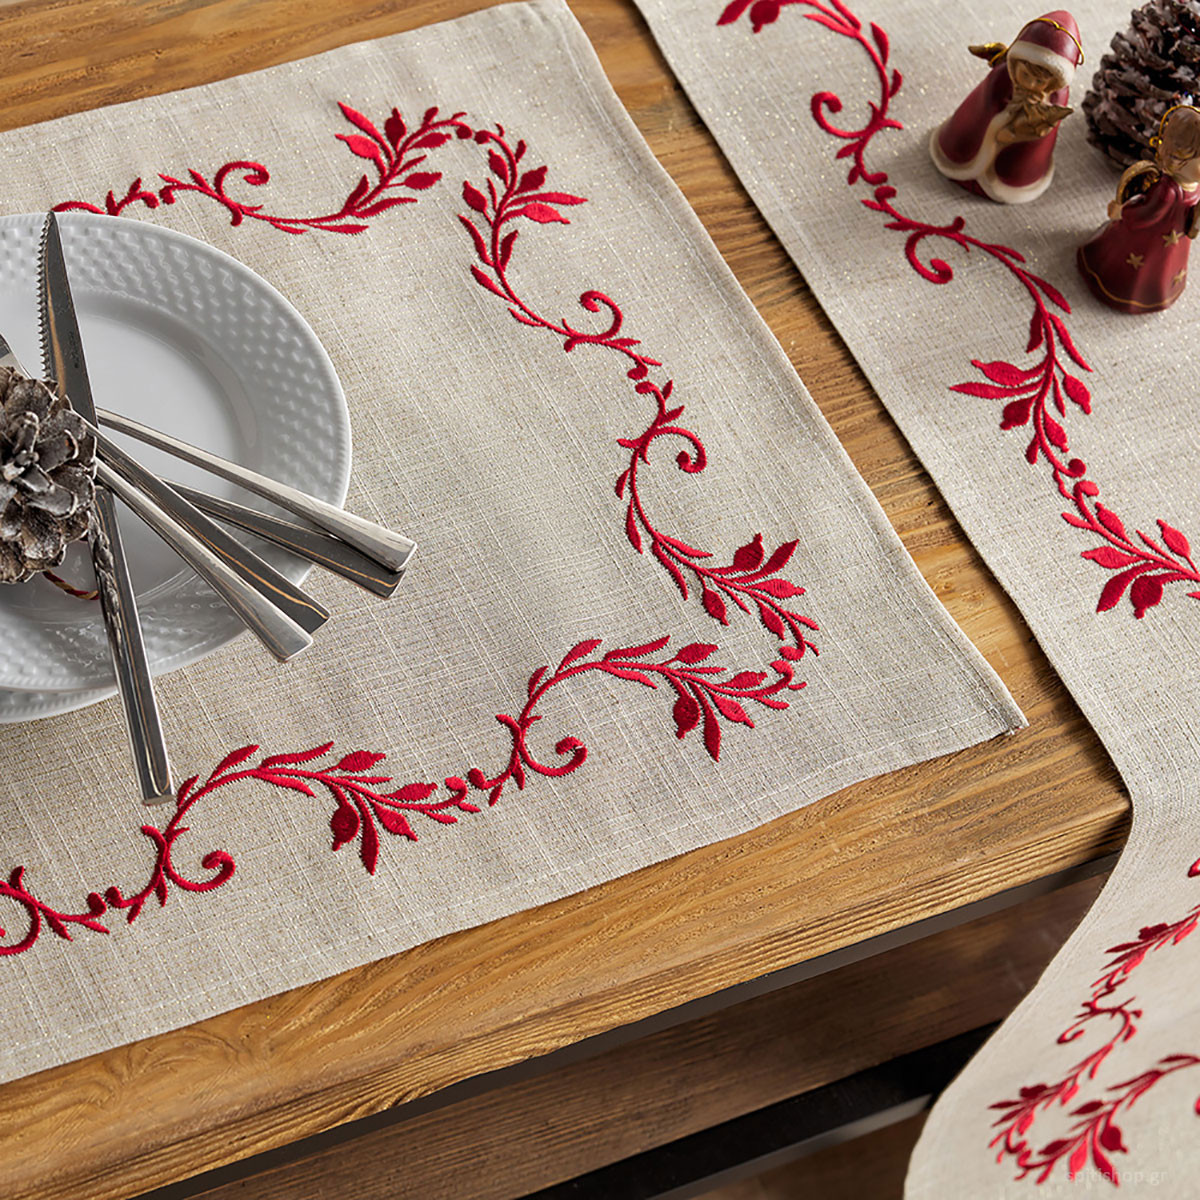 Χριστουγεννιάτικα Σουπλά (Σετ 2τμχ) Gofis Home 775